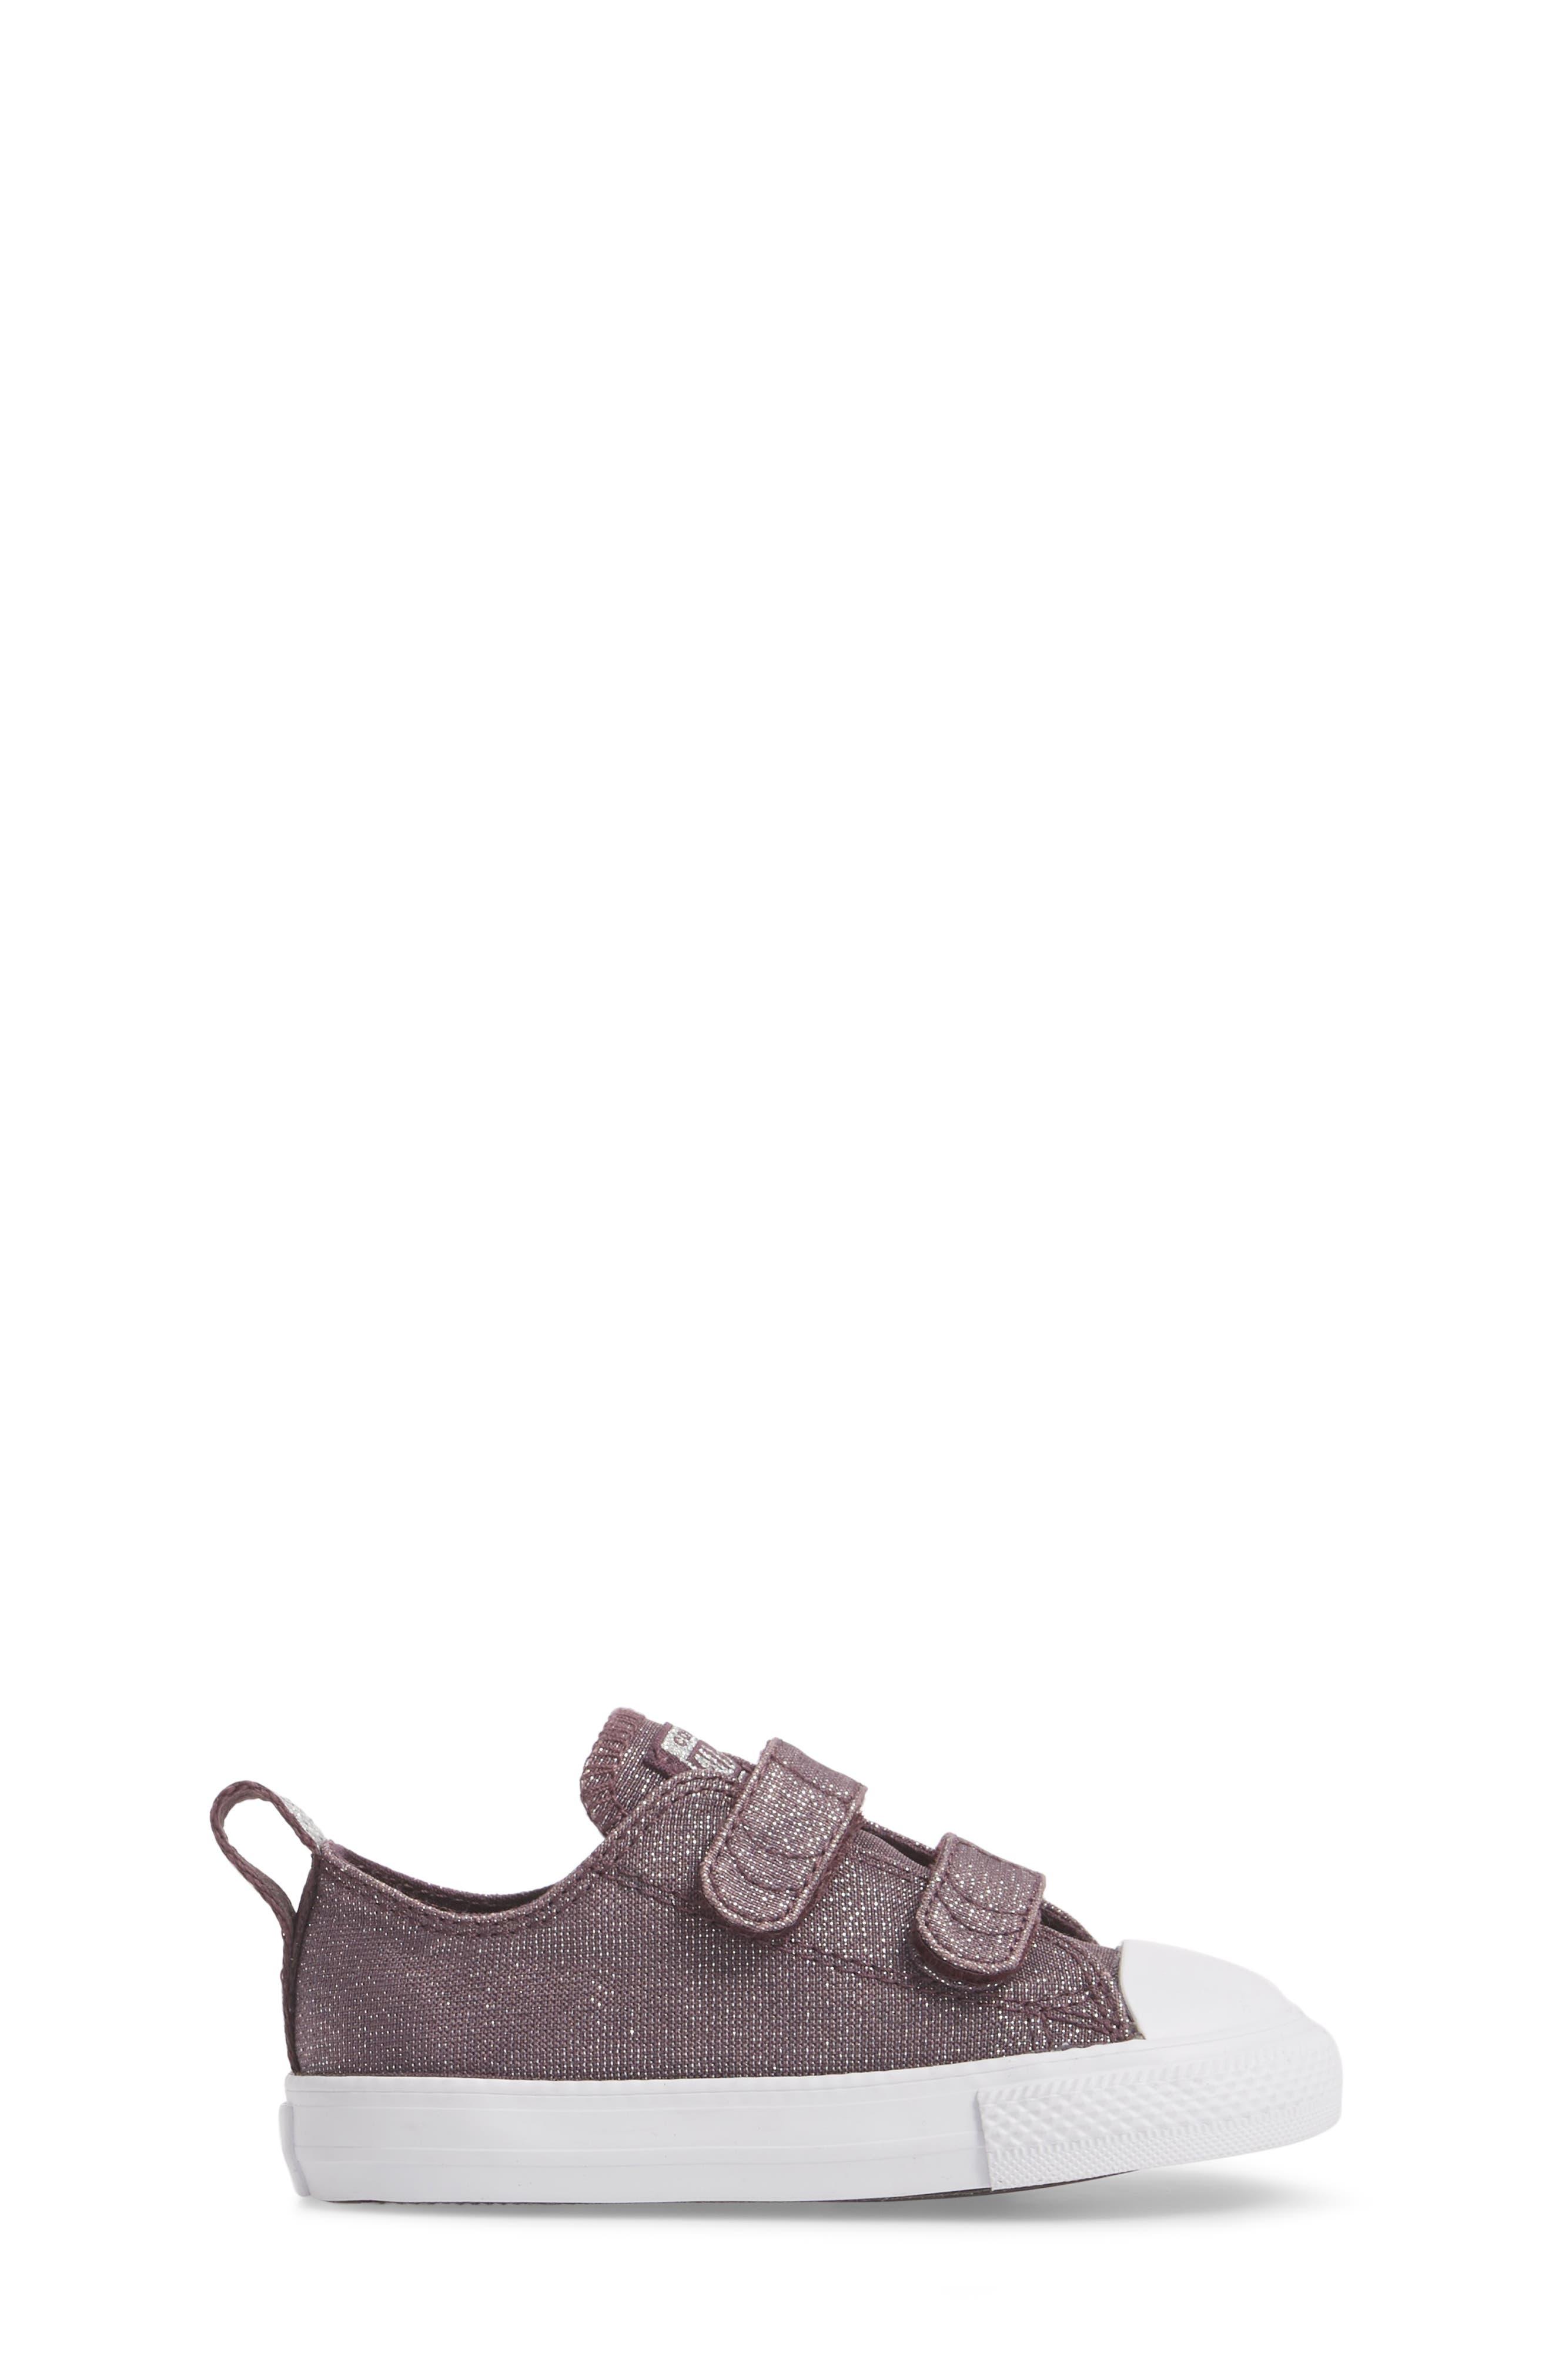 All Star<sup>®</sup> Shimmer 2V Sneaker,                             Alternate thumbnail 3, color,                             555